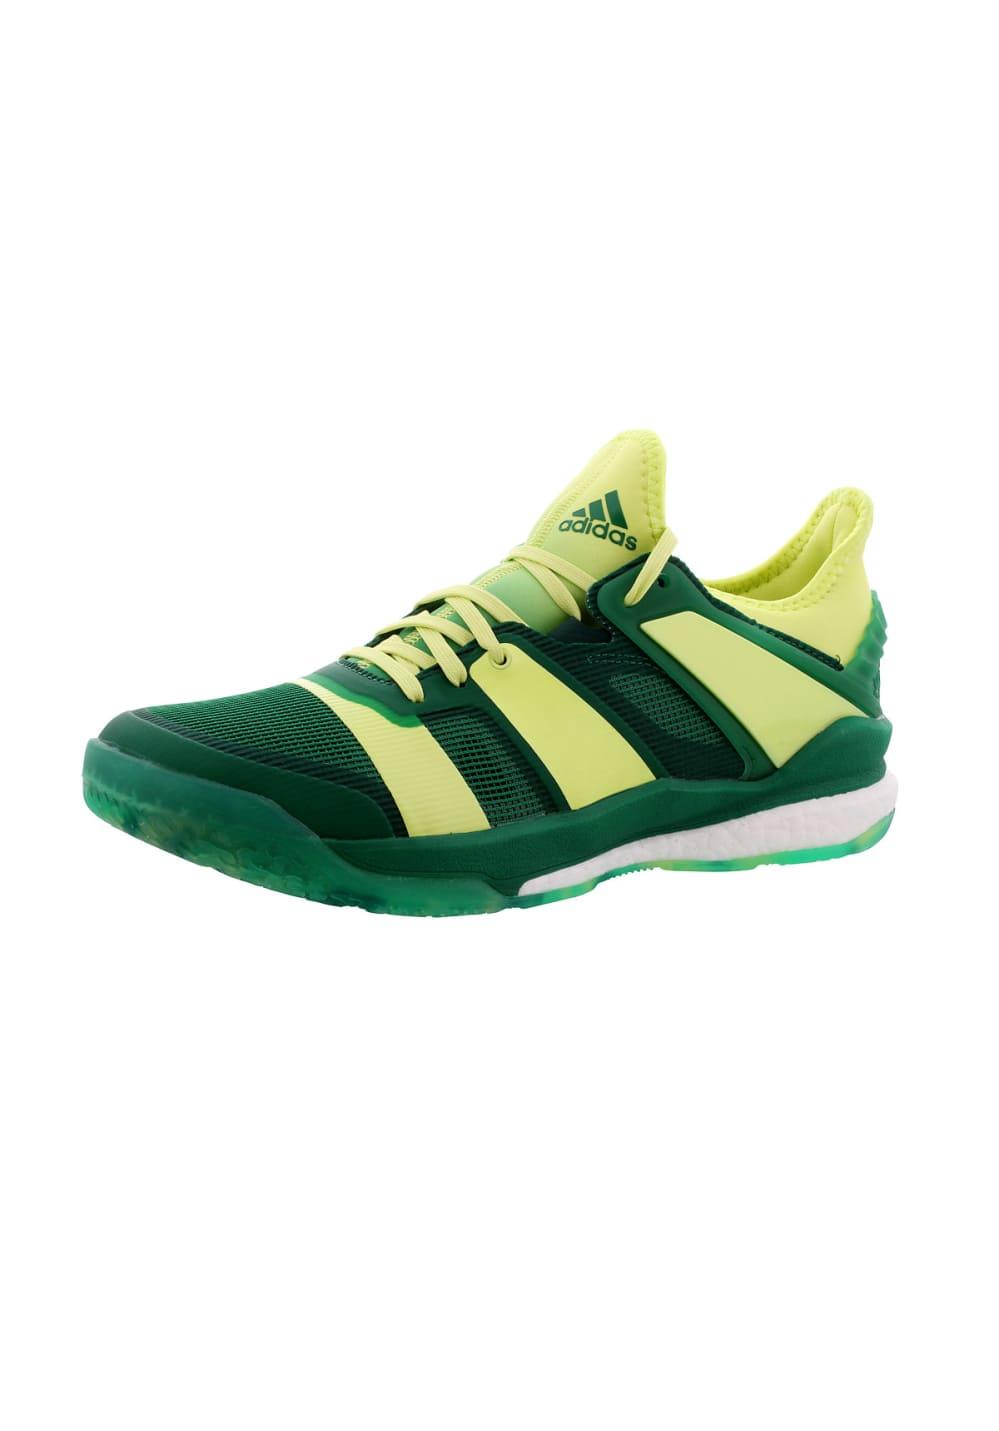 best website 33d43 84293 adidas Stabil X - Handball shoes for Men - Green